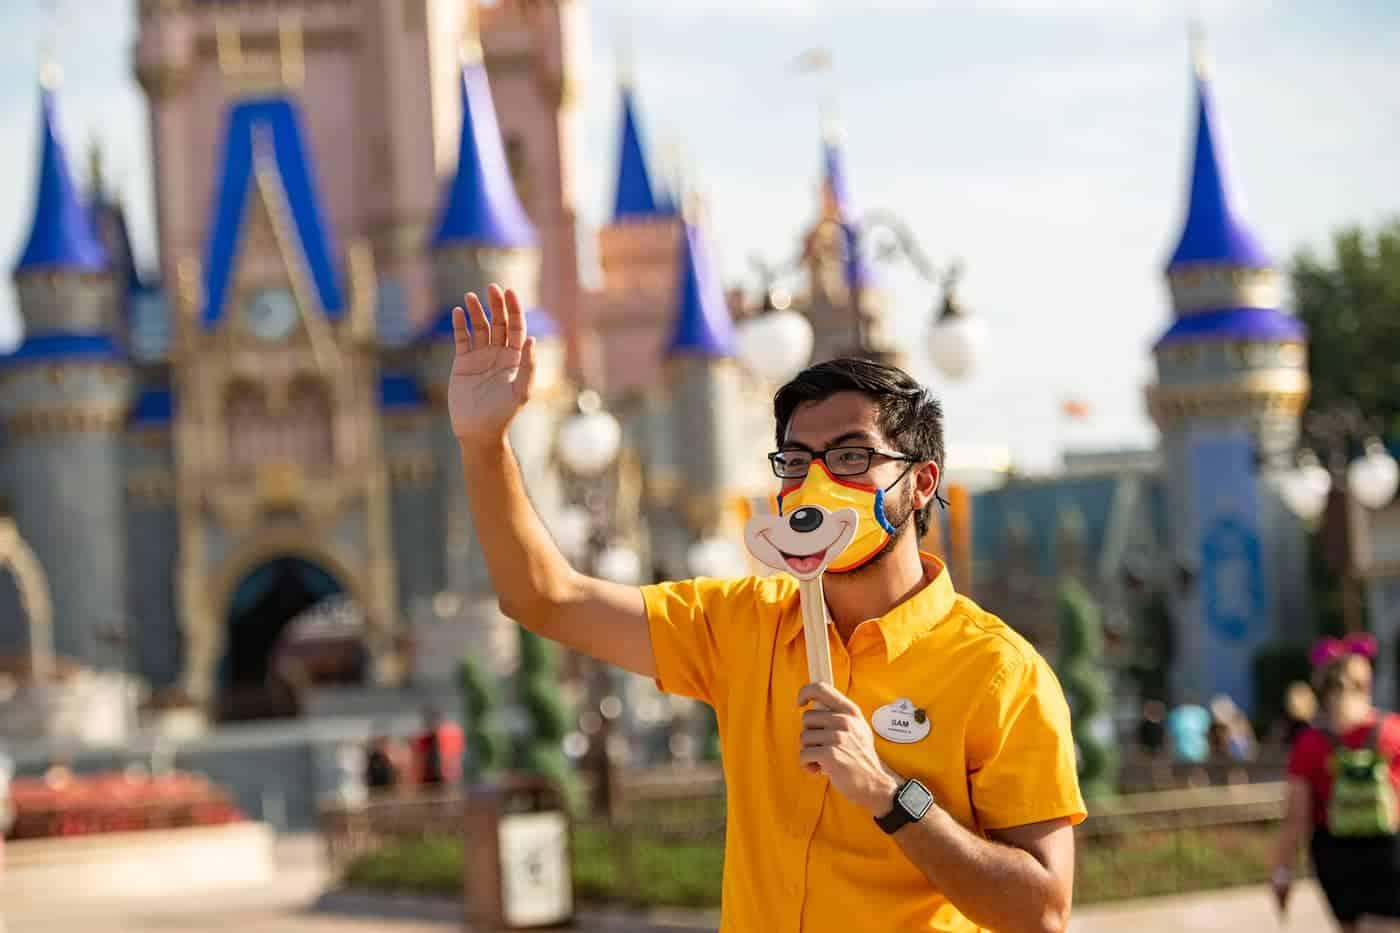 El uso de mascarilla vuelve a ser obligatorio en espacios cerrados de Disney World y Disneyland